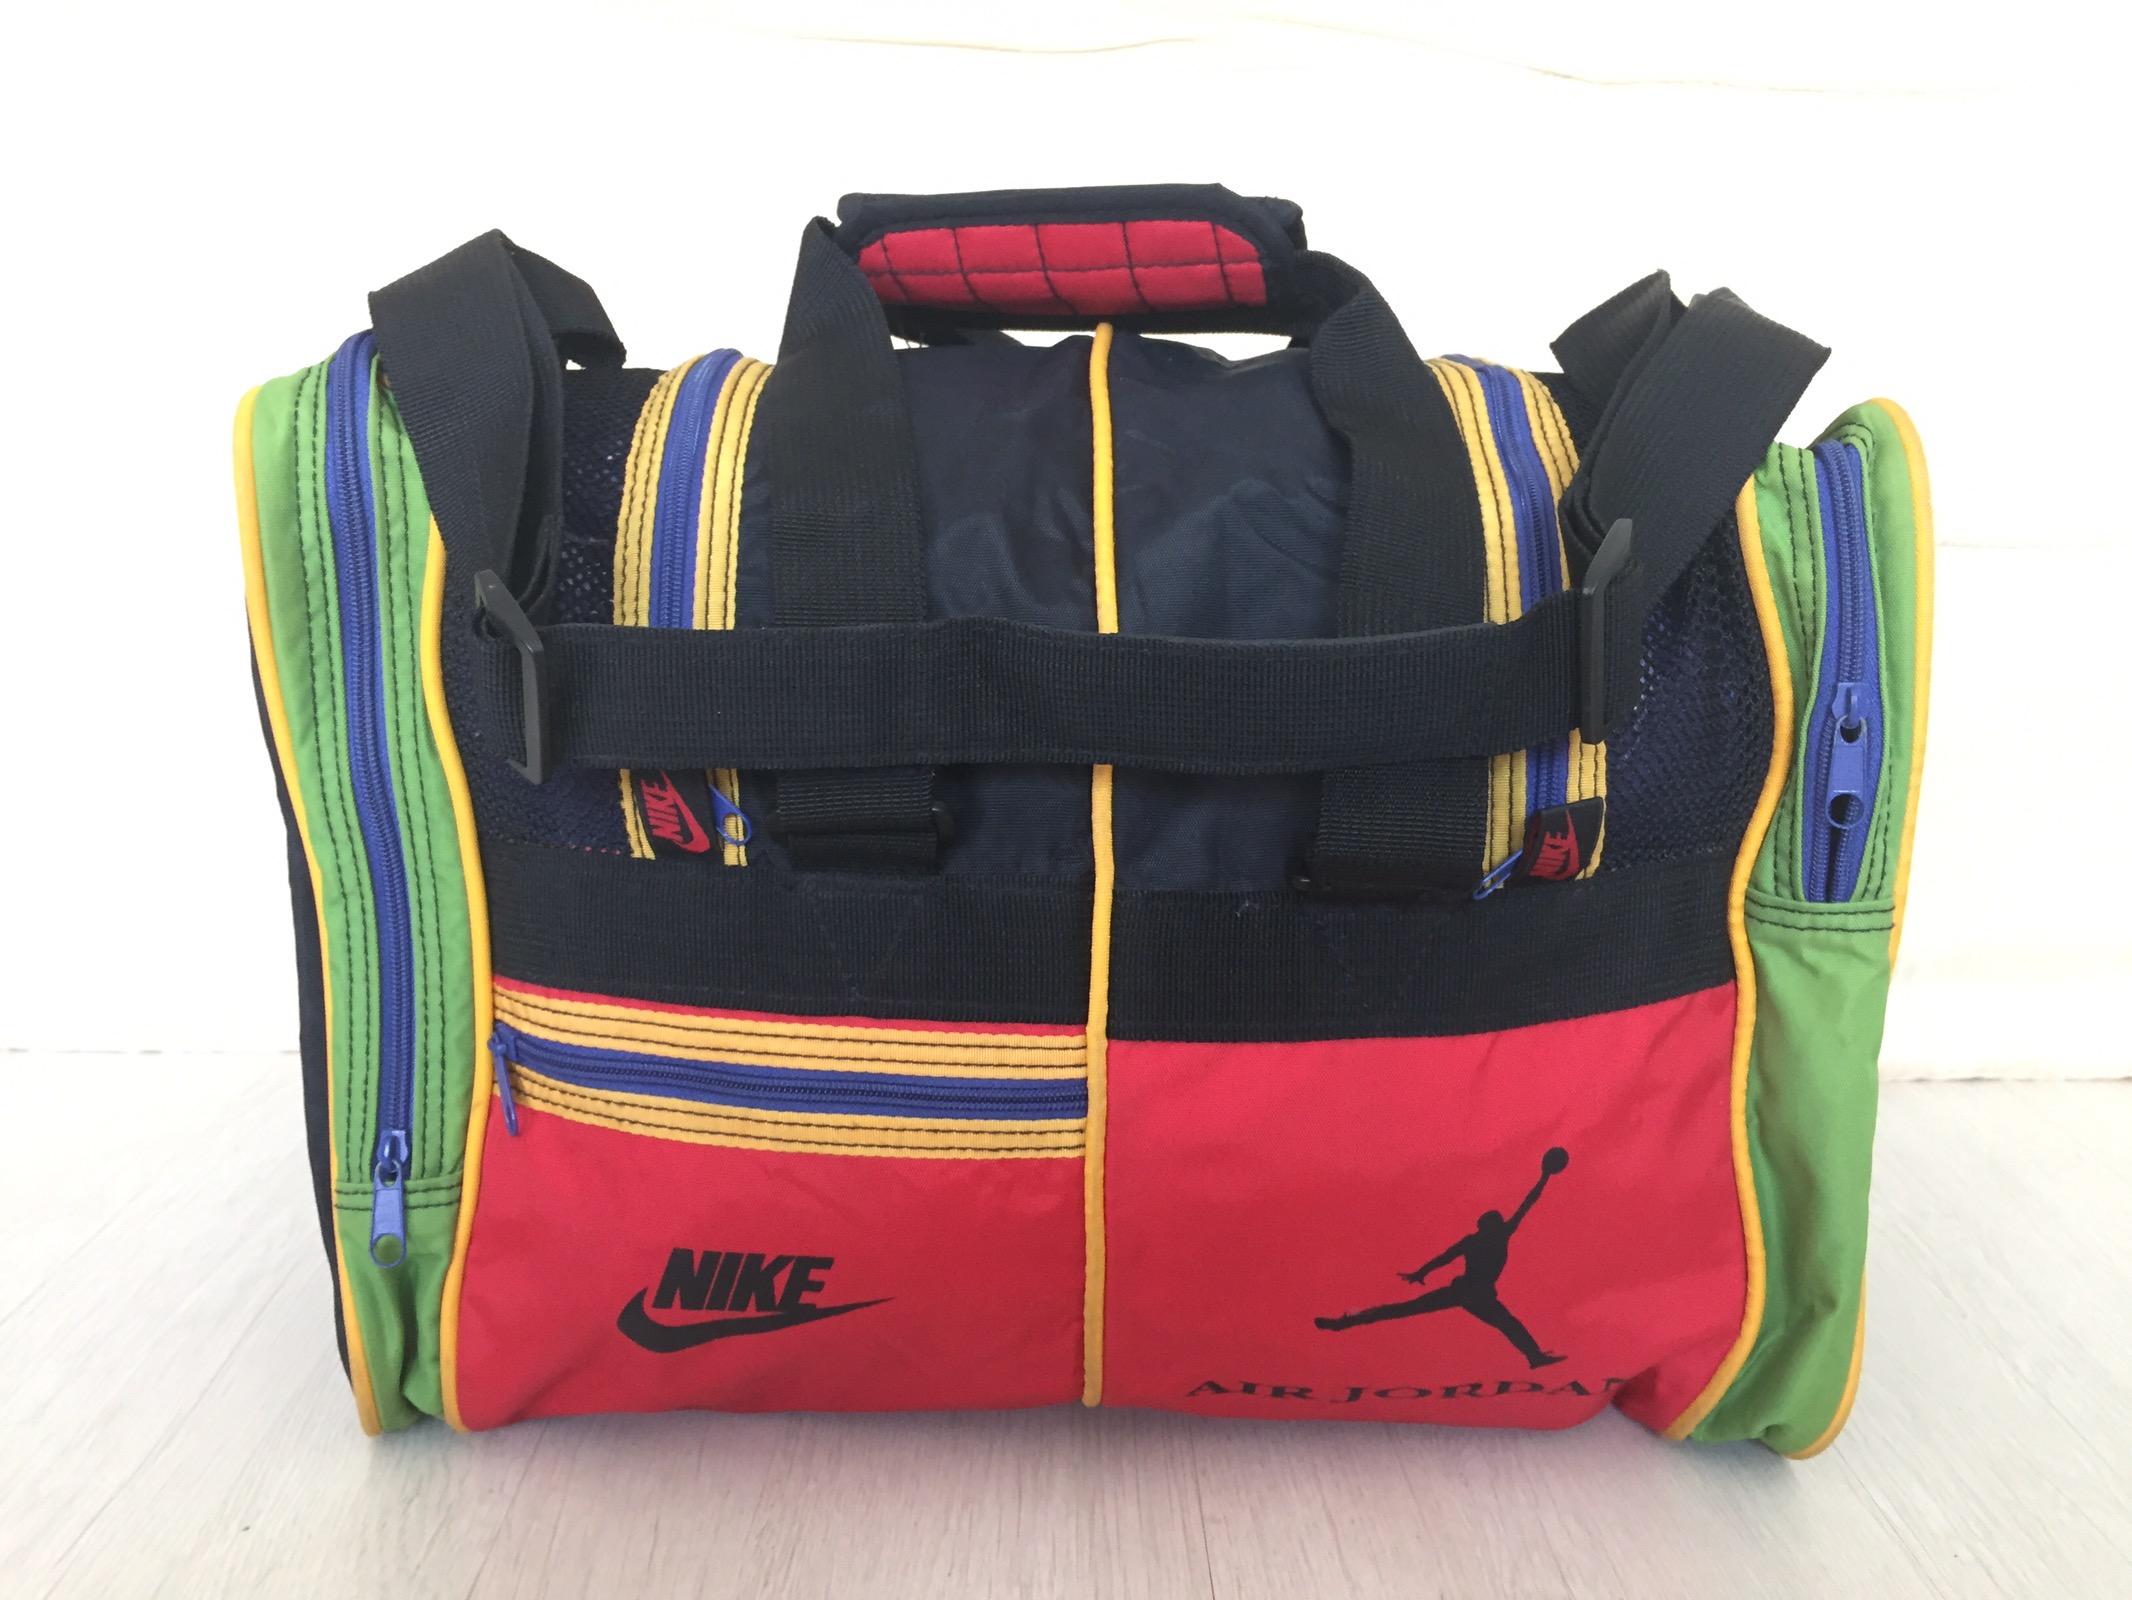 huge discount 36256 dc7ad Nike Air Jordan Duffel Gym Bag